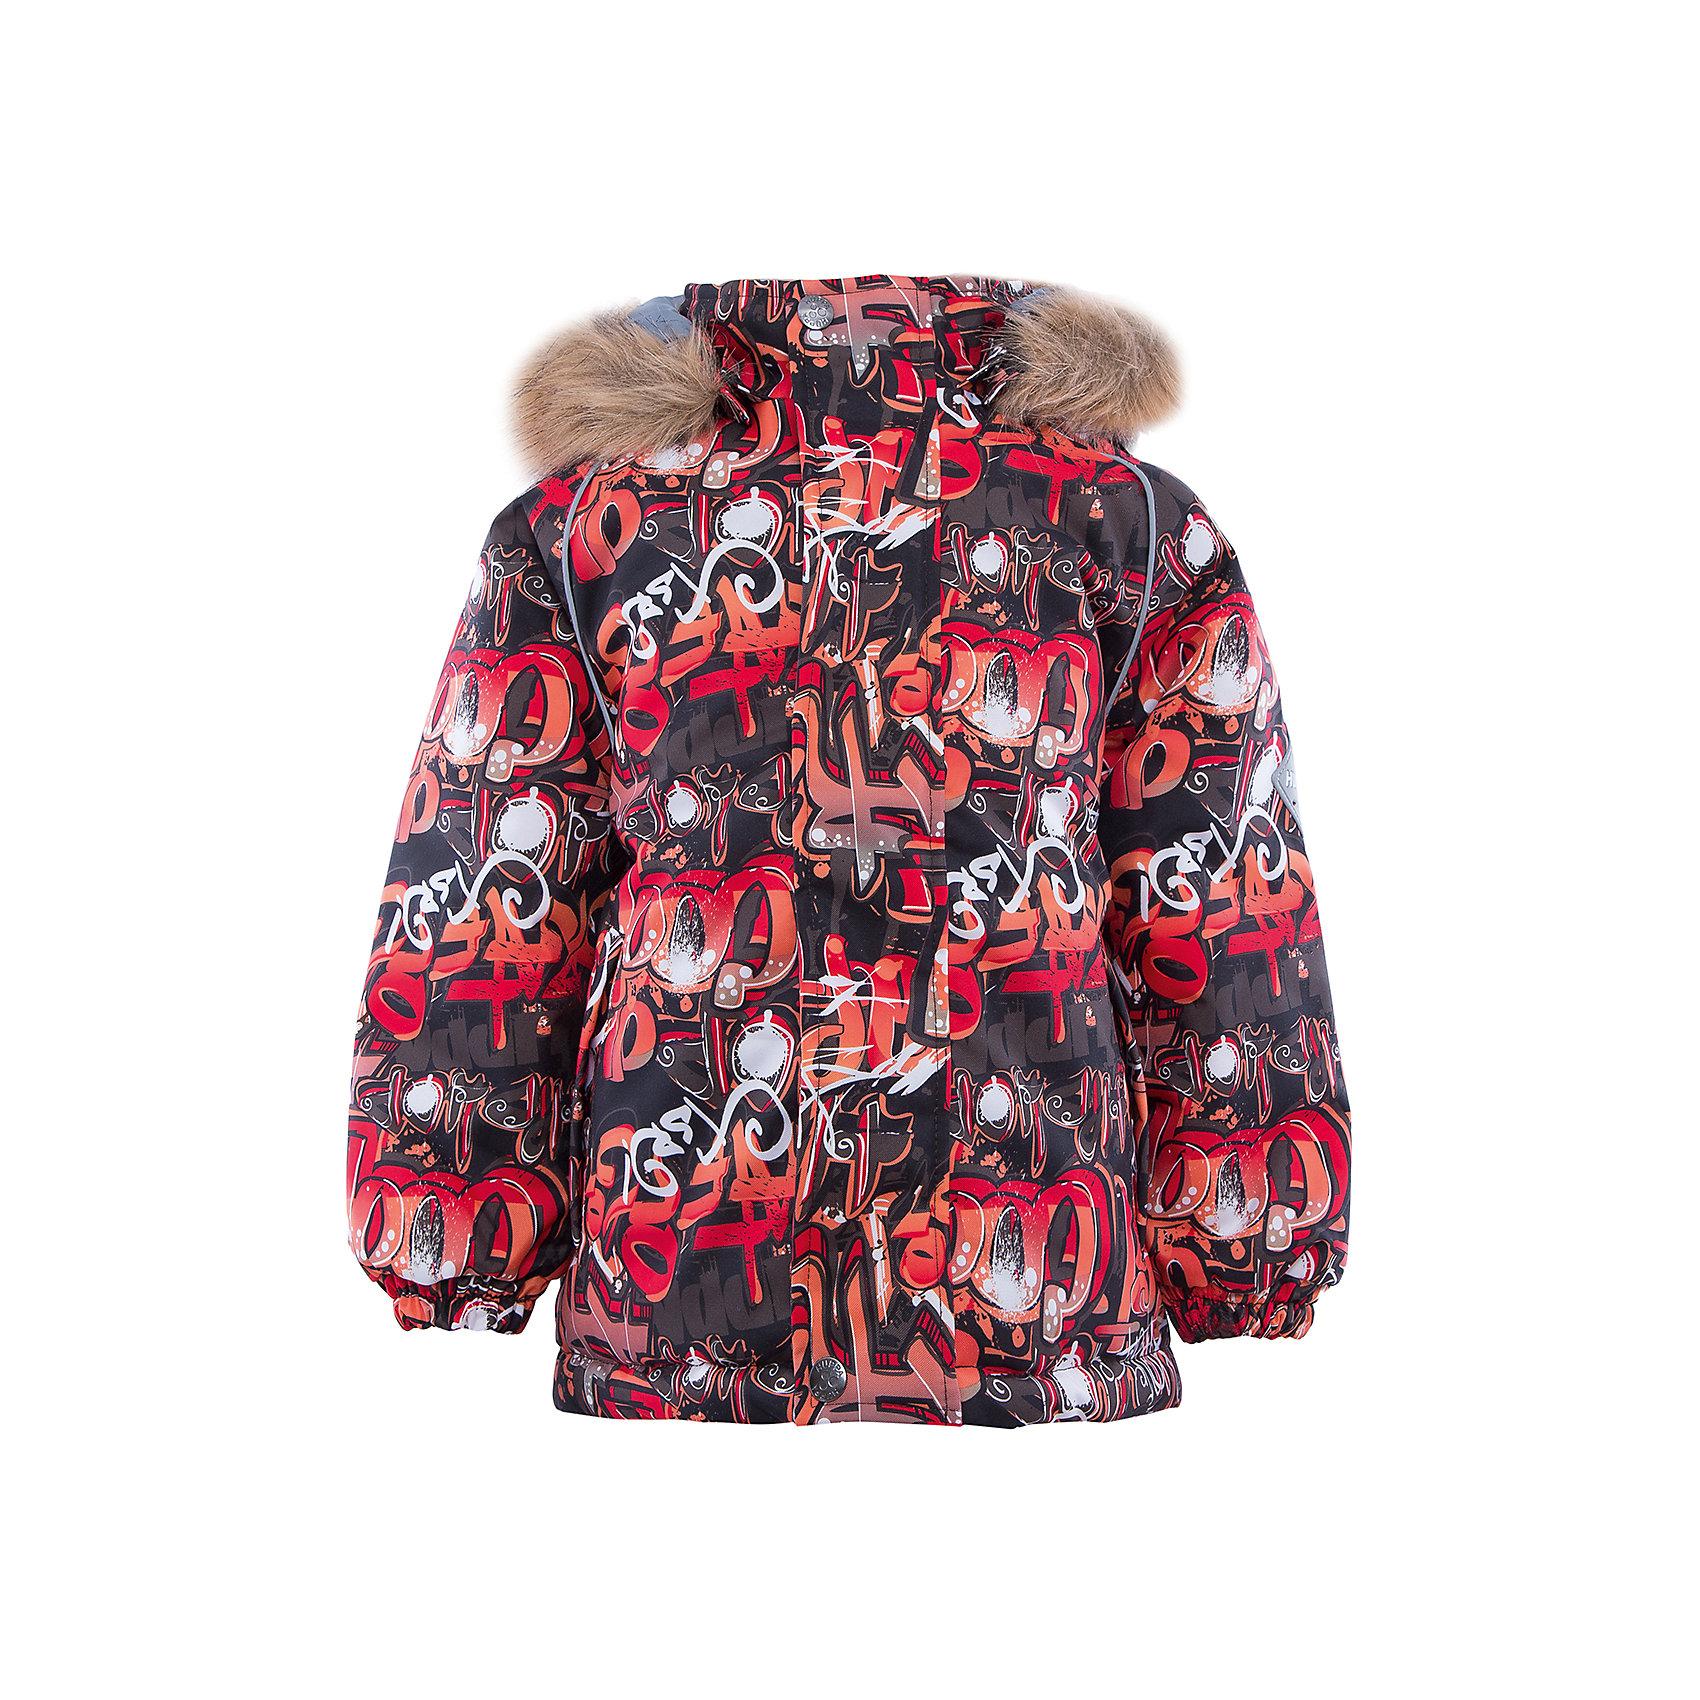 Куртка   для мальчика HuppaКуртка для мальчика MARINEL Huppa(Хуппа).<br><br>Утеплитель: 100% полиэстер, 300 гр.<br><br>Температурный режим: до -30 градусов. Степень утепления – высокая. <br><br>* Температурный режим указан приблизительно — необходимо, прежде всего, ориентироваться на ощущения ребенка. Температурный режим работает в случае соблюдения правила многослойности – использования флисовой поддевы и термобелья.<br><br>Изготовлена из теплых и прочных материалов. Верх куртки с дышащей водоотталкивающей поверхностью поможет ребенку оставаться в сухости и тепле. На манжетах предусмотрены резинки, чтобы снег не попадал под одежду. Капюшон куртки с искусственным мехом отстегивается. <br>Куртка легко стирается, быстро сохнет и защищена от истирания. Отлично подойдет для зимних прогулок.<br><br>Дополнительная информация:<br>Материал: 100% полиэстер<br>Подкладка: тафта - 100% полиэстер, флис - 100% полиэстер<br>Цвет: красный/серый<br><br>Куртку MARINEL Huppa(Хуппа) можно купить в нашем интернет-магазине.<br><br>Ширина мм: 356<br>Глубина мм: 10<br>Высота мм: 245<br>Вес г: 519<br>Цвет: коричневый<br>Возраст от месяцев: 24<br>Возраст до месяцев: 36<br>Пол: Мужской<br>Возраст: Детский<br>Размер: 98,92,140,134,128,122,116,110,104<br>SKU: 4928157